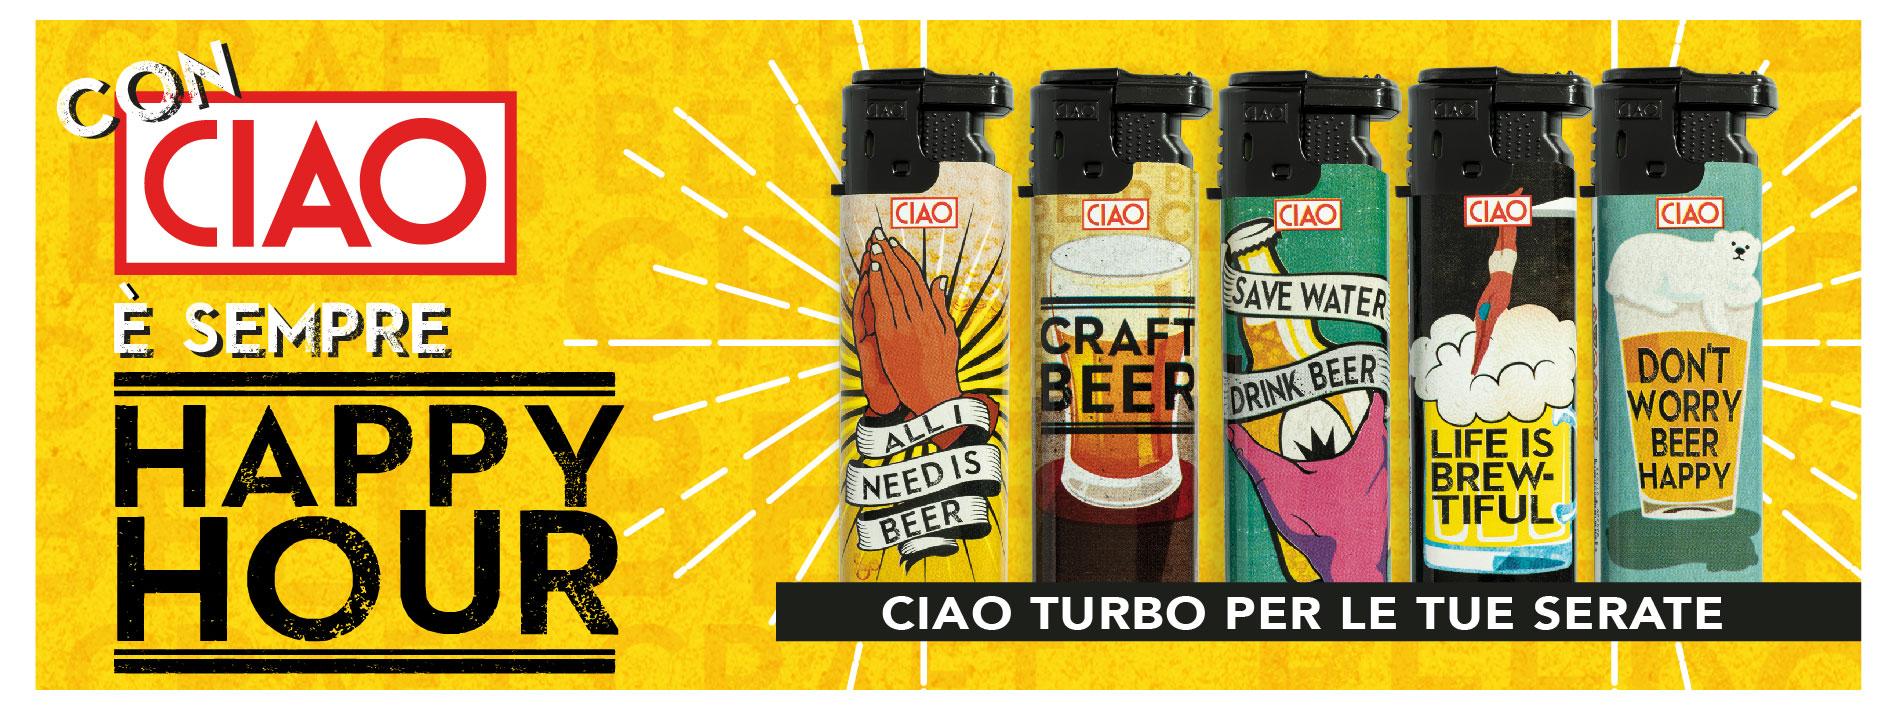 CIAO | ACCENDINO LARGE TURBO